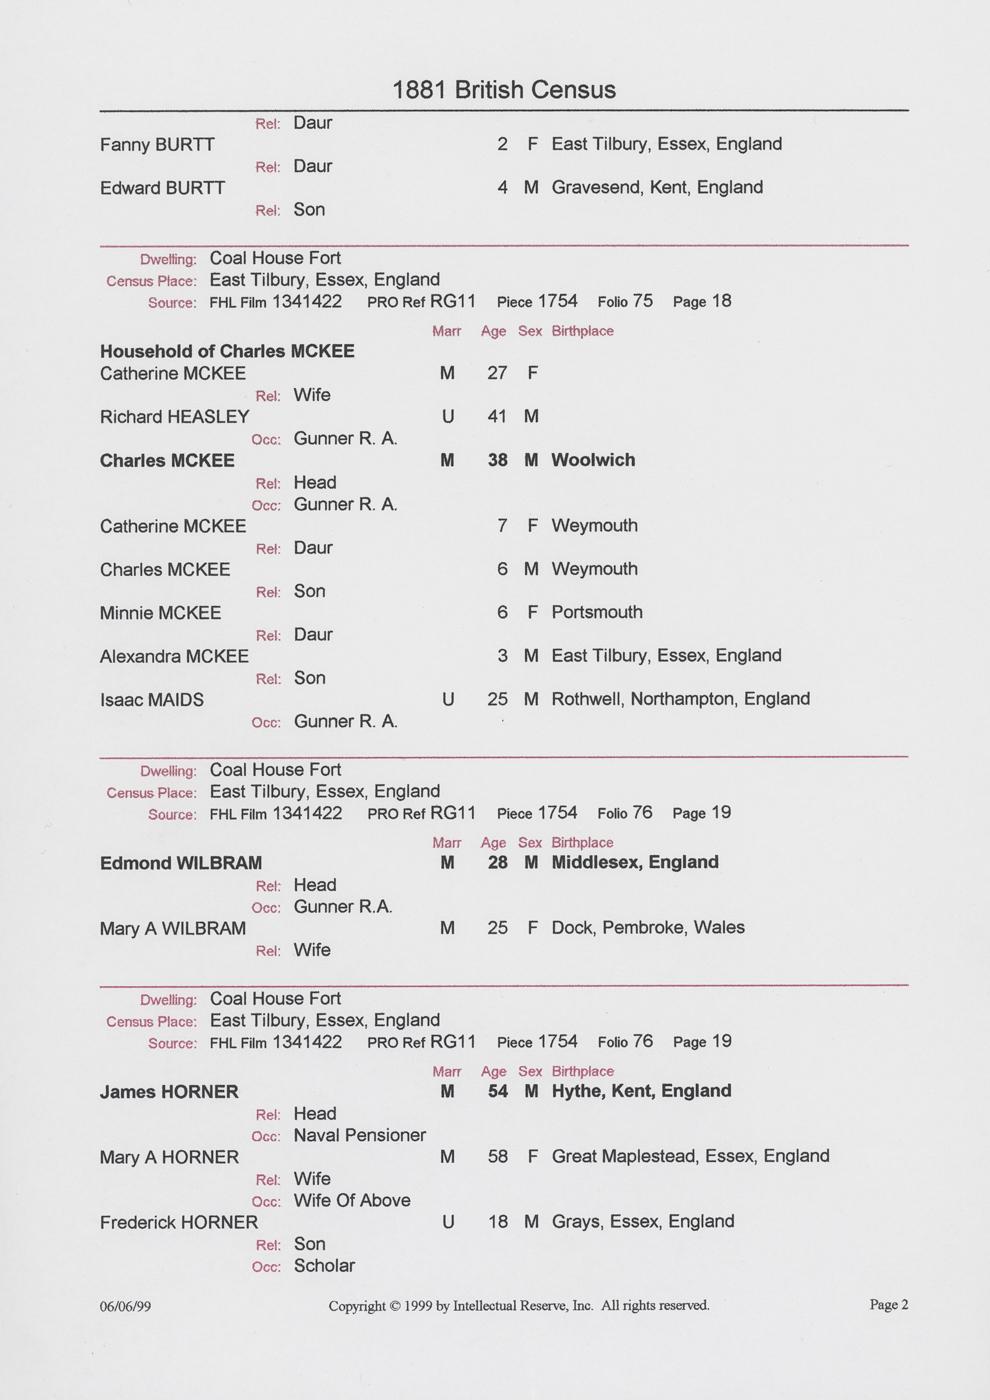 1881_British_Census_02.jpg